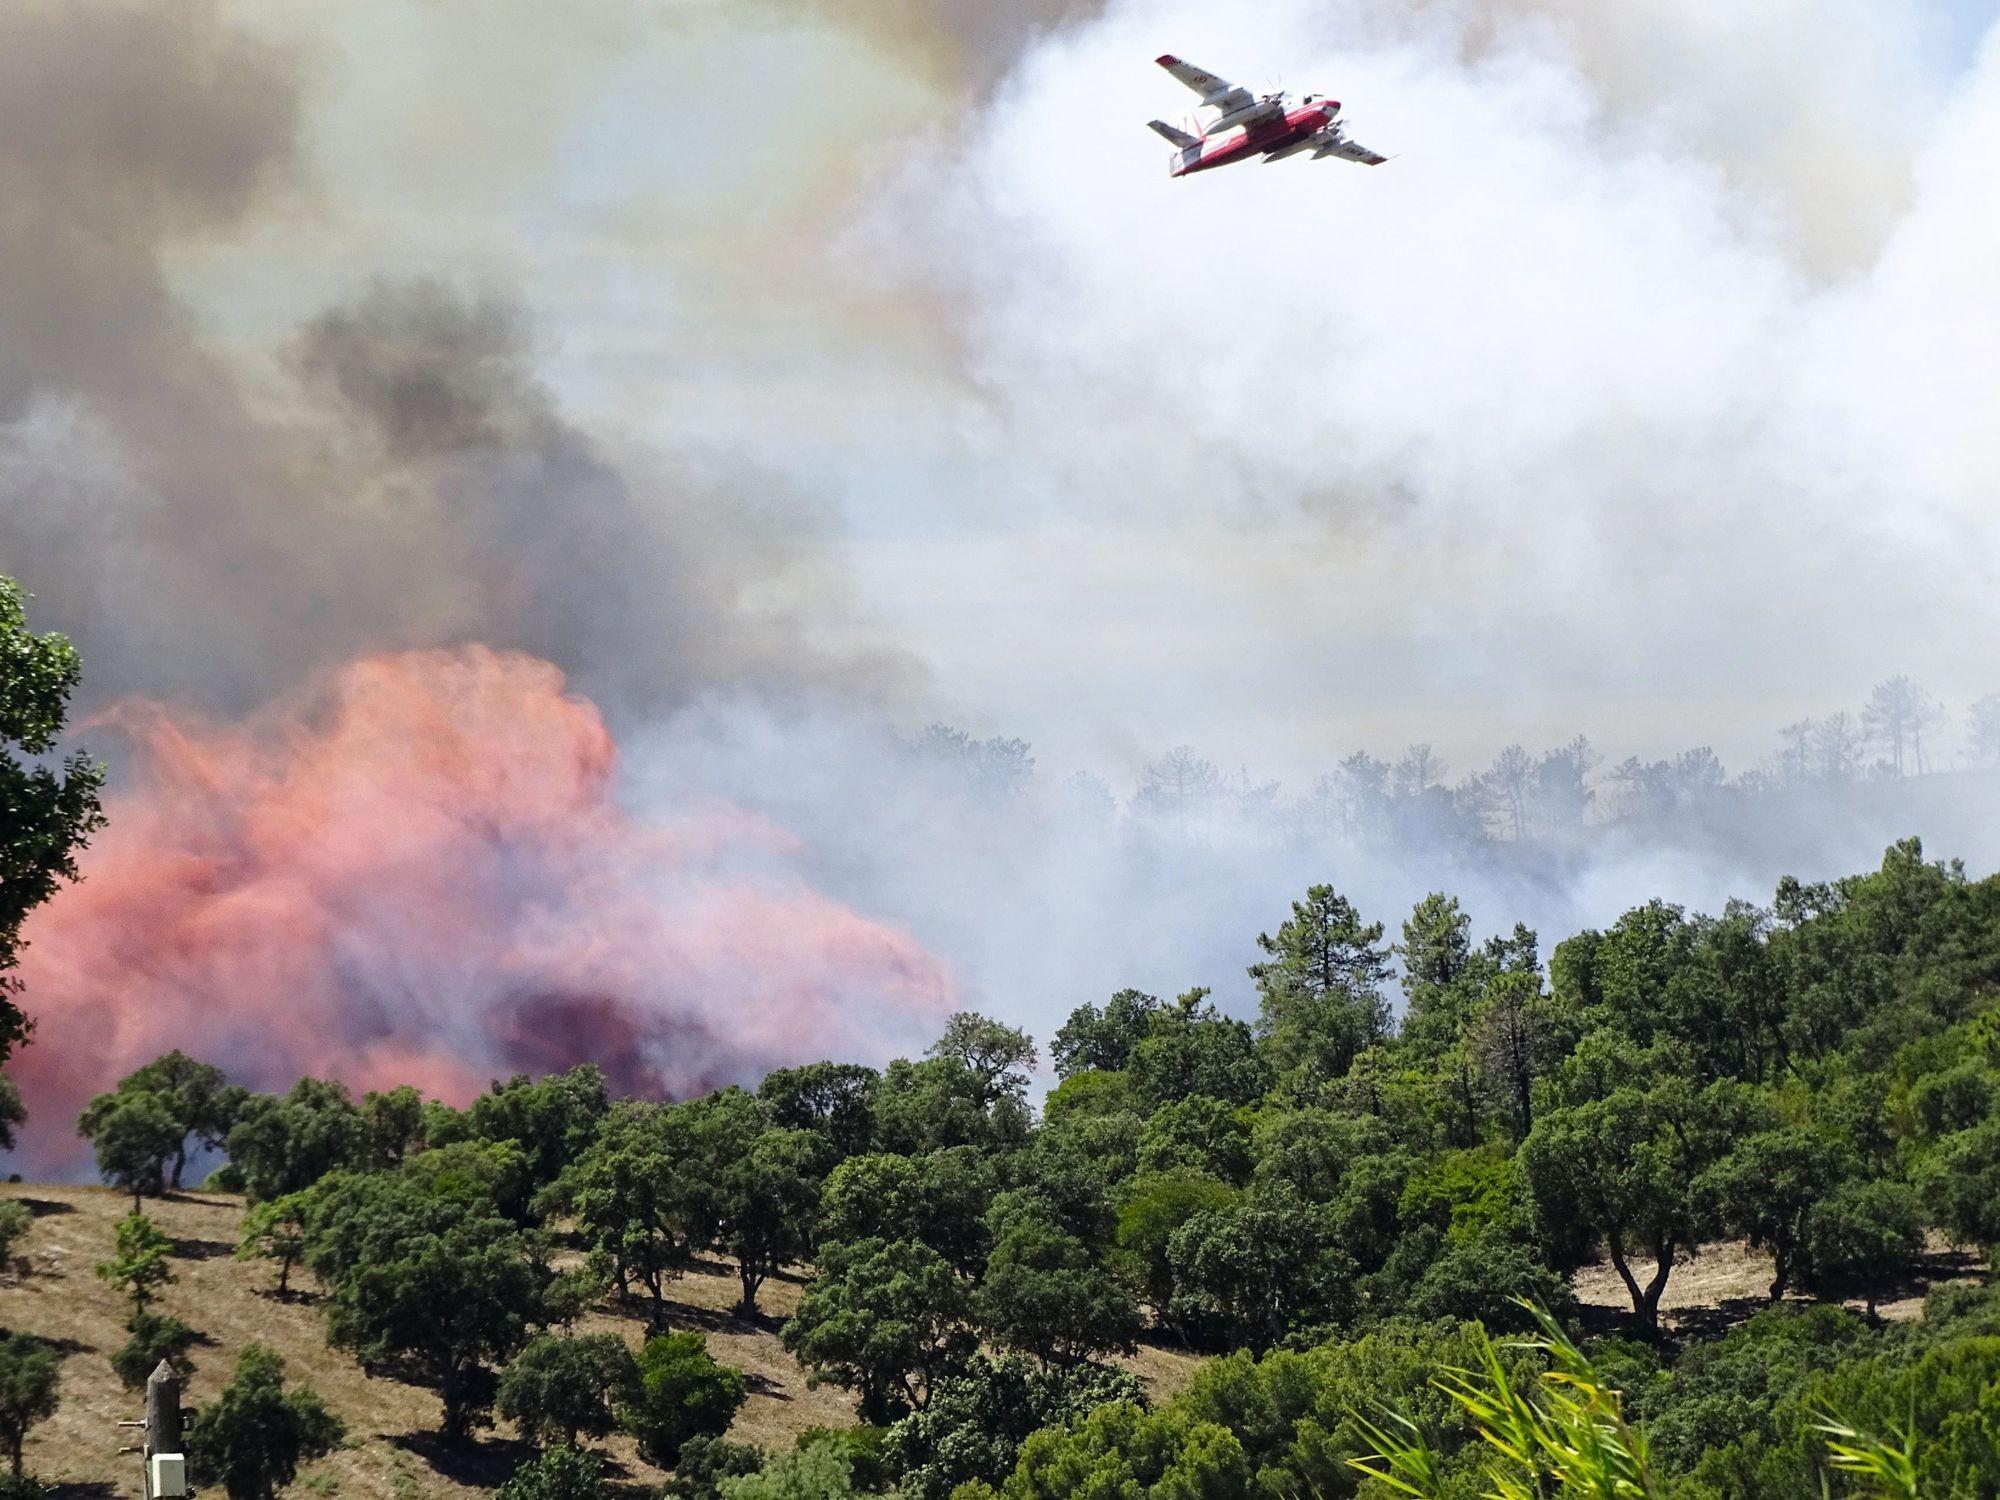 Les incendies, un risque inhérent aux milieux méditerranéens